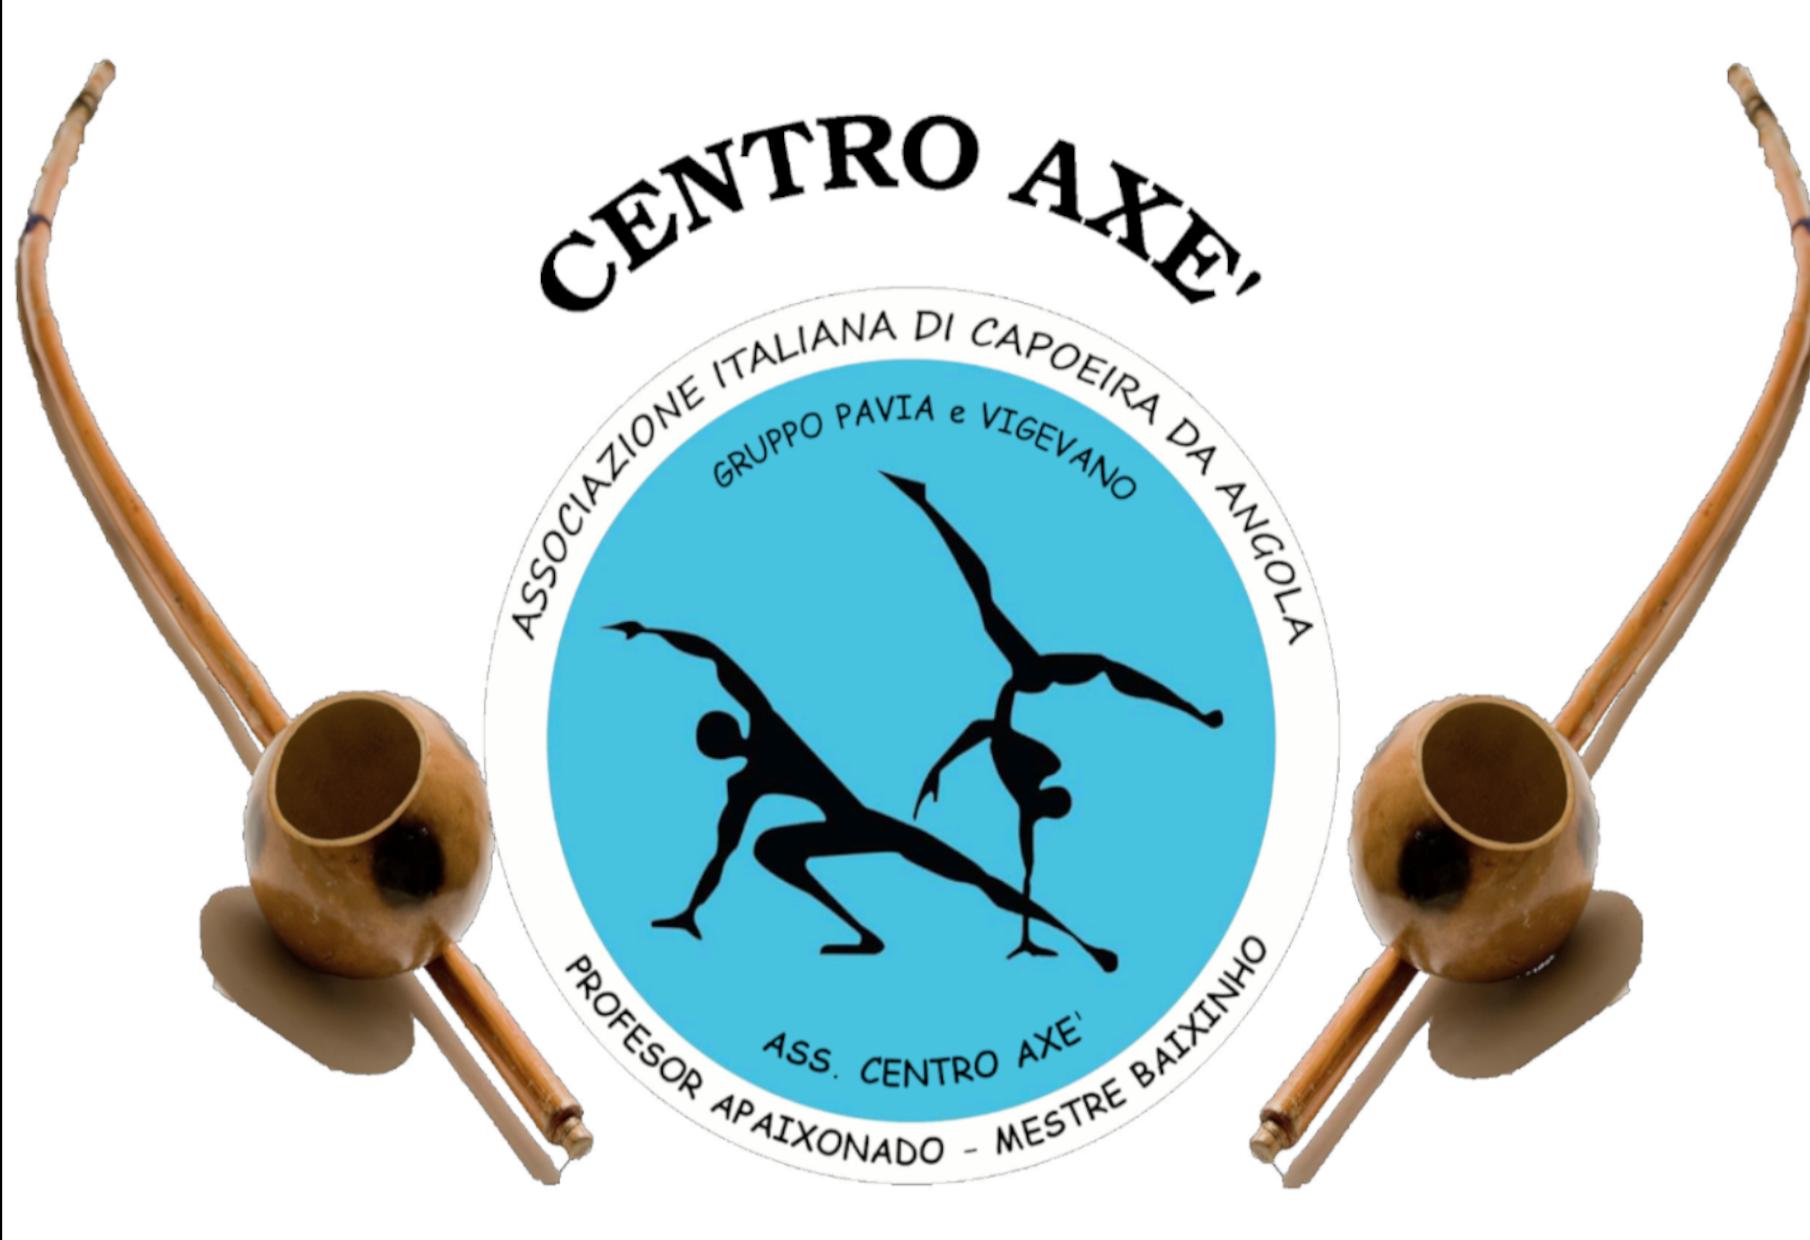 Capoeira Pavia Vigevano